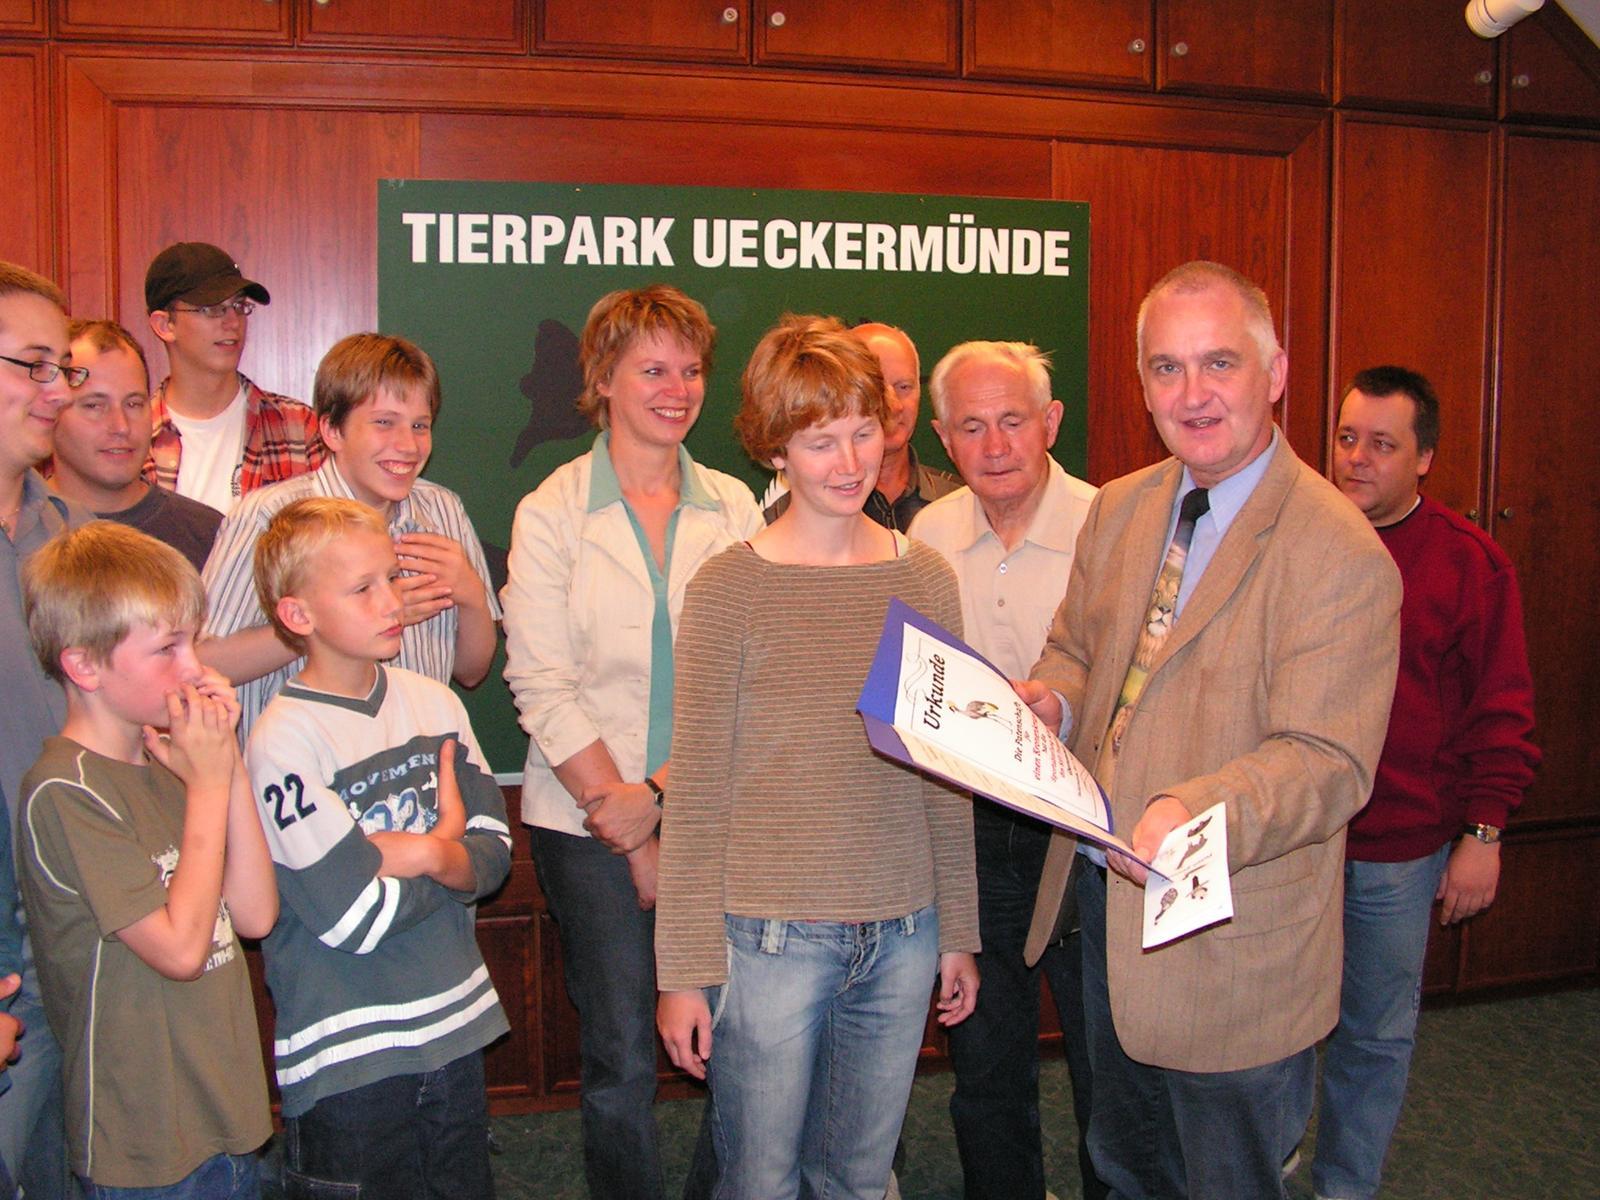 5. Tierpark-Schach-Open 2006